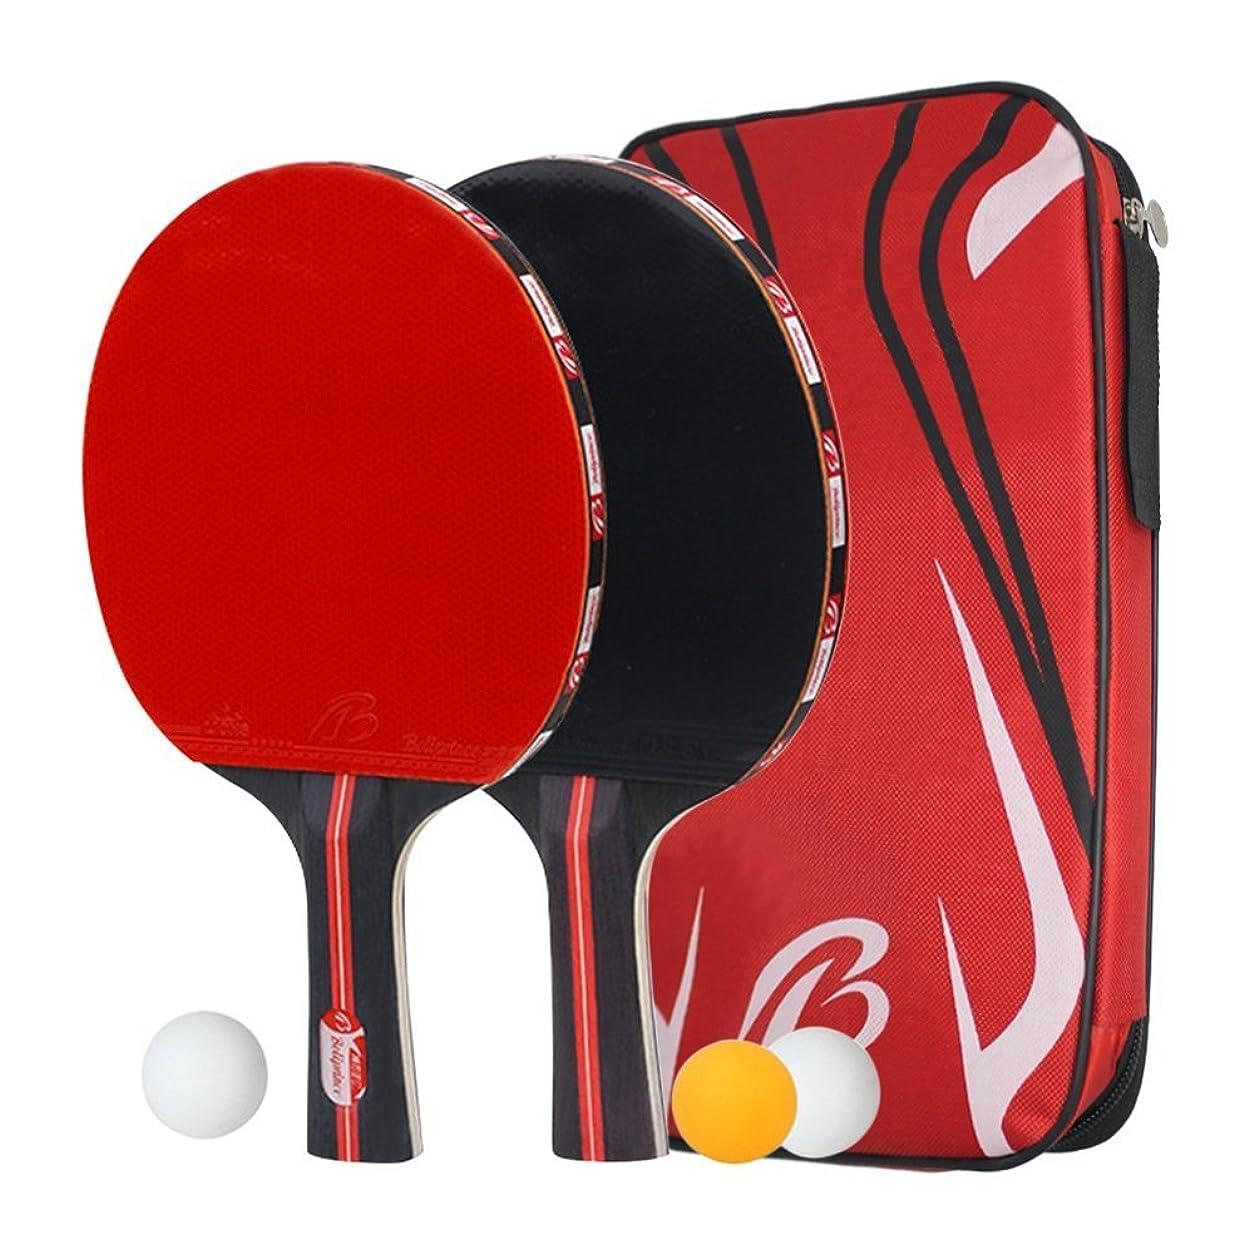 回復あえて住所卓球 ラケット ラケット2本 ピンポン球3個 卓球ネット 収納袋付き ボール 手軽 卓球用品 子供用 新入生応援セット 初心者向け